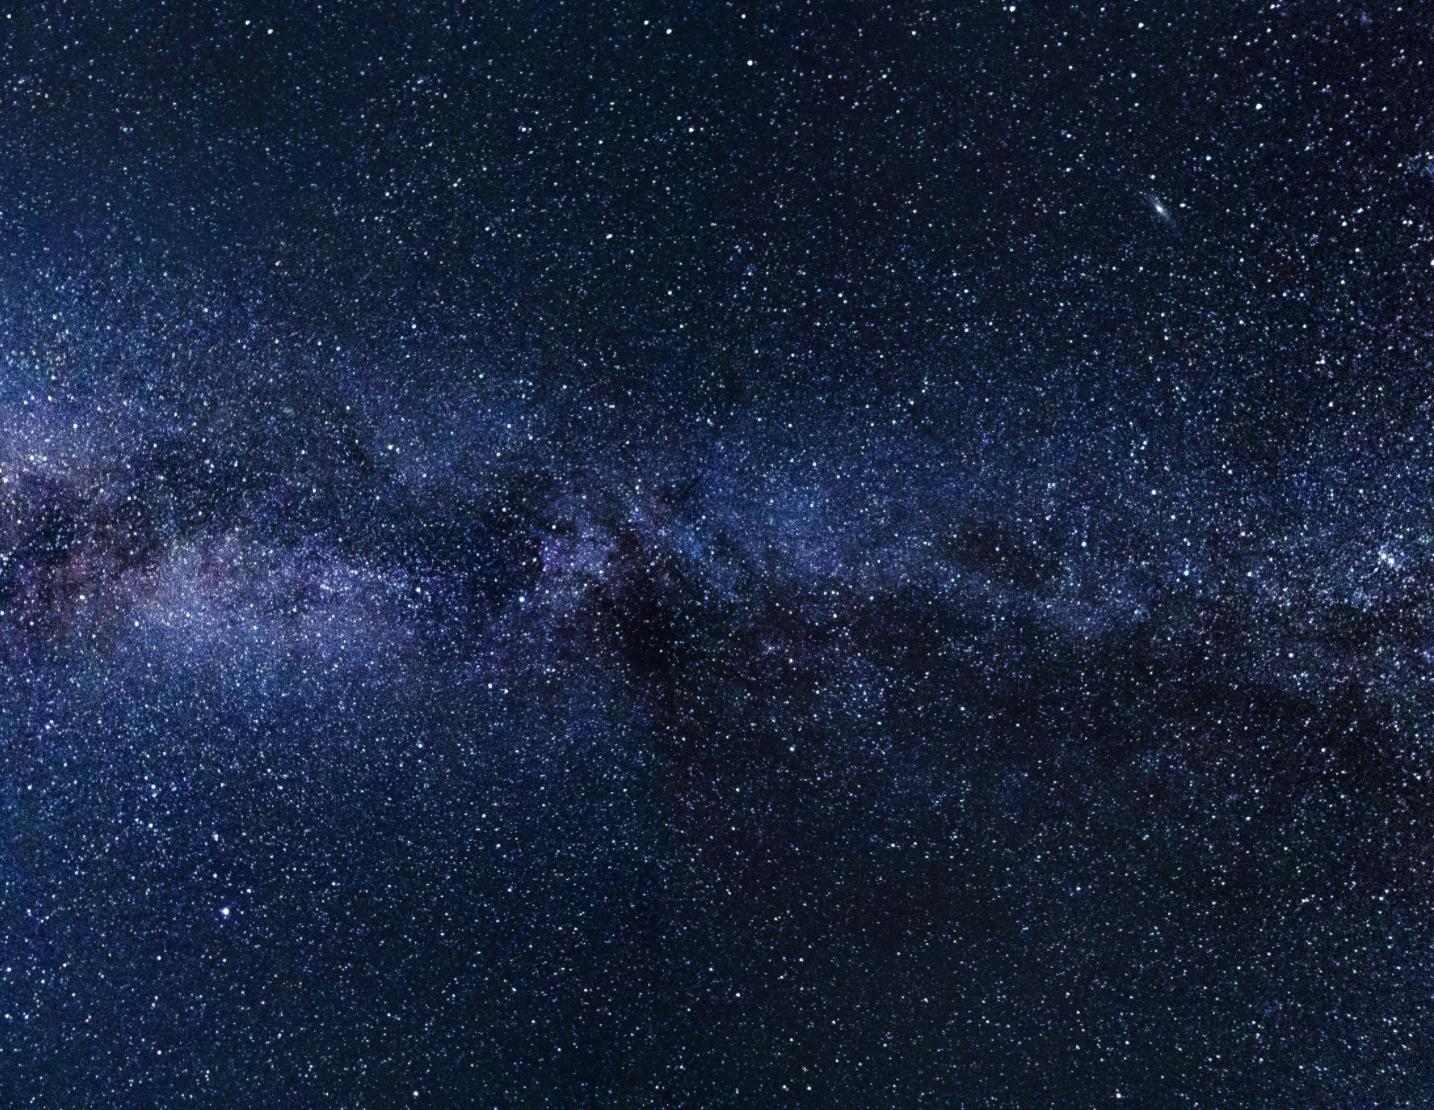 ¿Dónde están todos? Buscamos en 10 millones de sistemas estelares, y no encontramos signos de tecnología extraterrestre